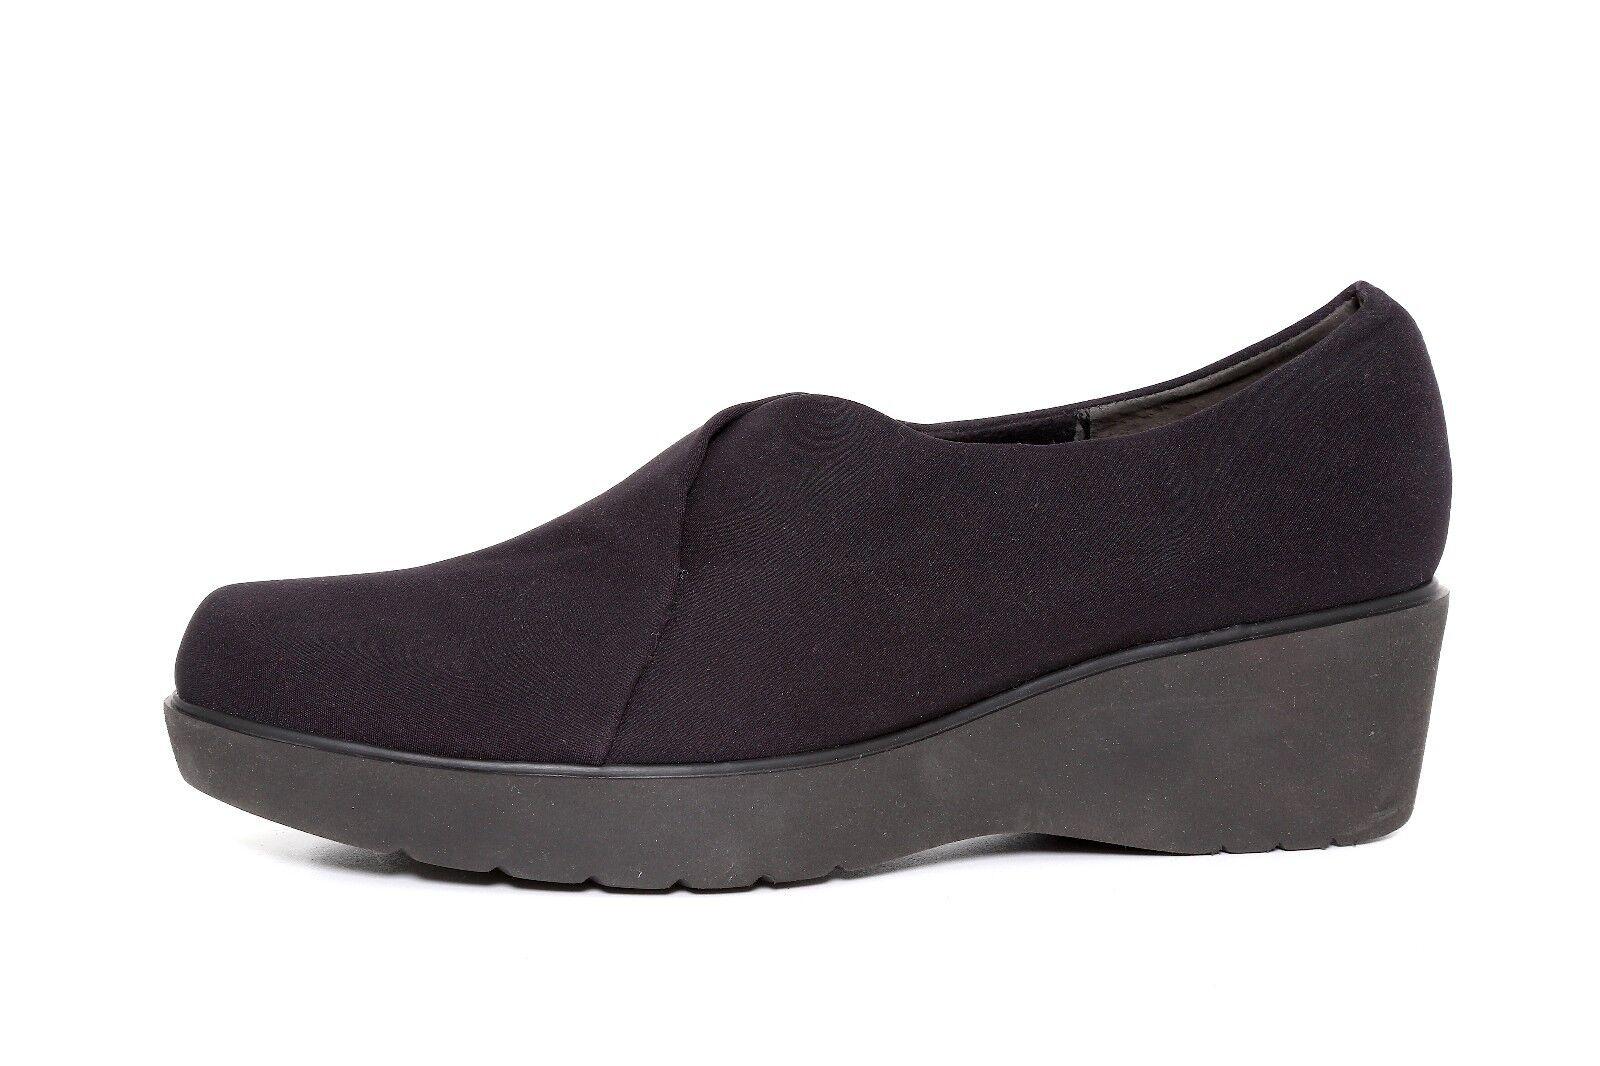 benvenuto a comprare Munro Donna  nero Canvas Slip On Platform Wedge scarpe scarpe scarpe 4323 Dimensione 7.5W  le migliori marche vendono a buon mercato